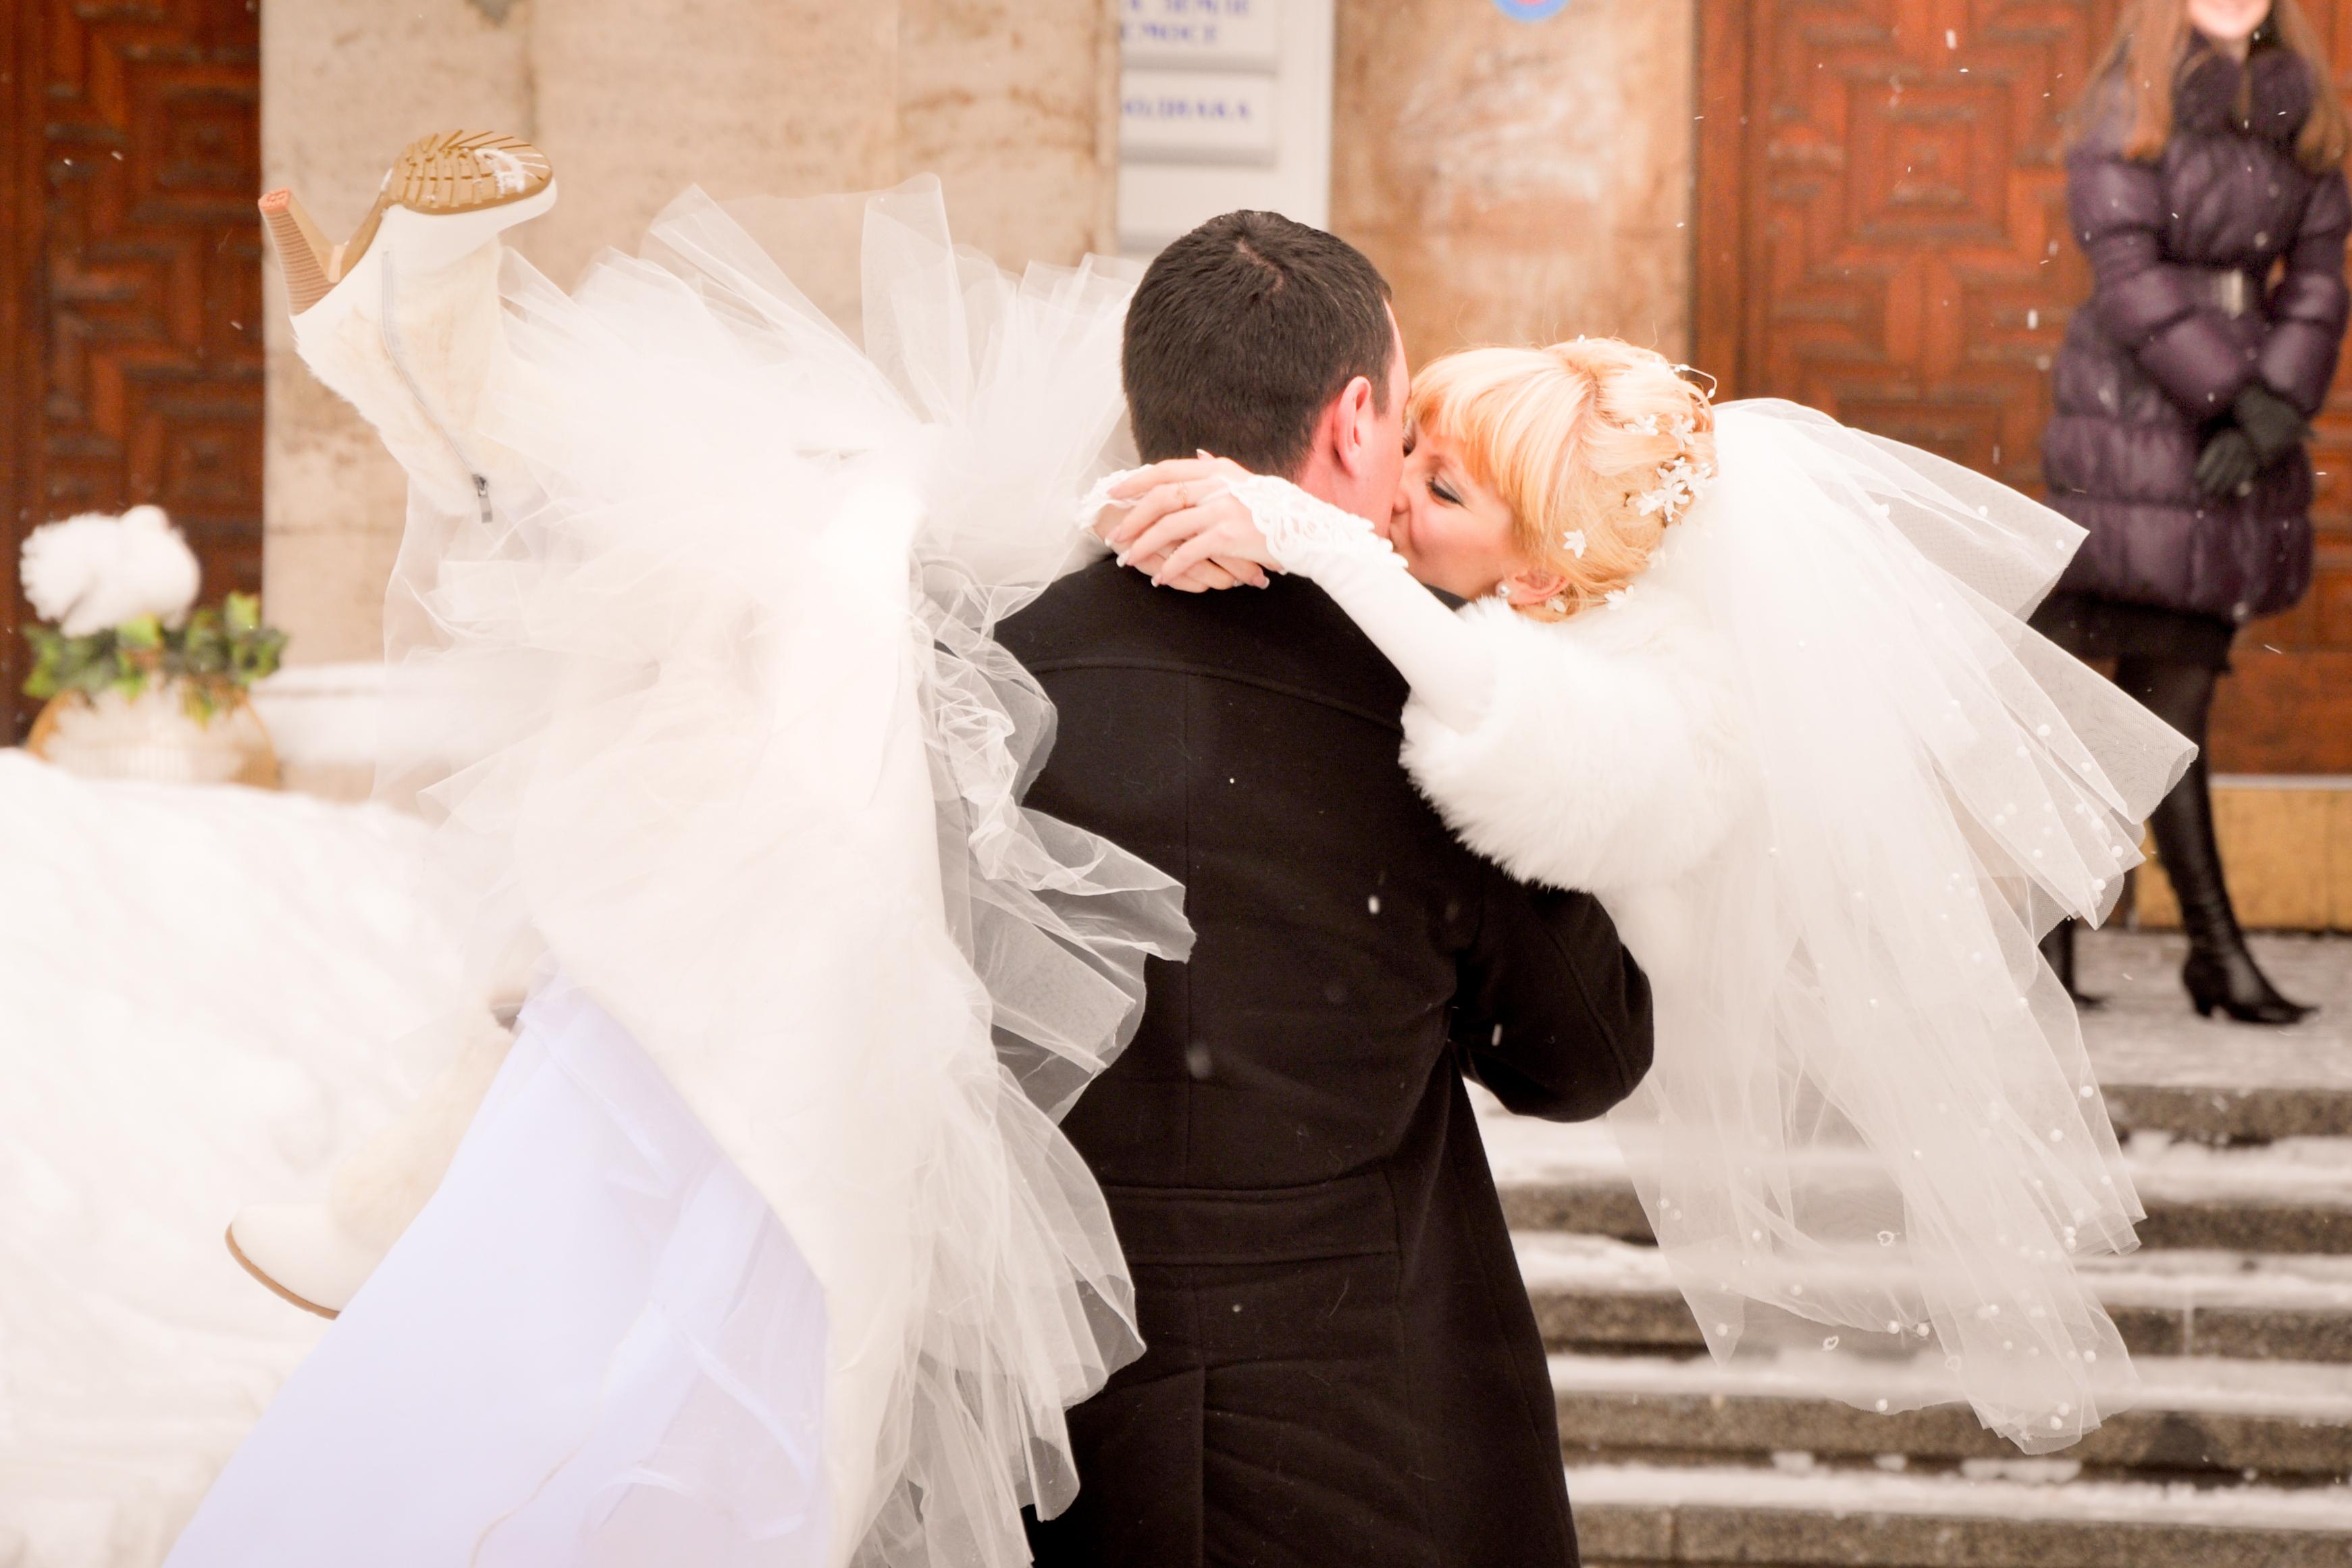 здесь предусмотрена свадебные фотографии снятся бесплотные существа